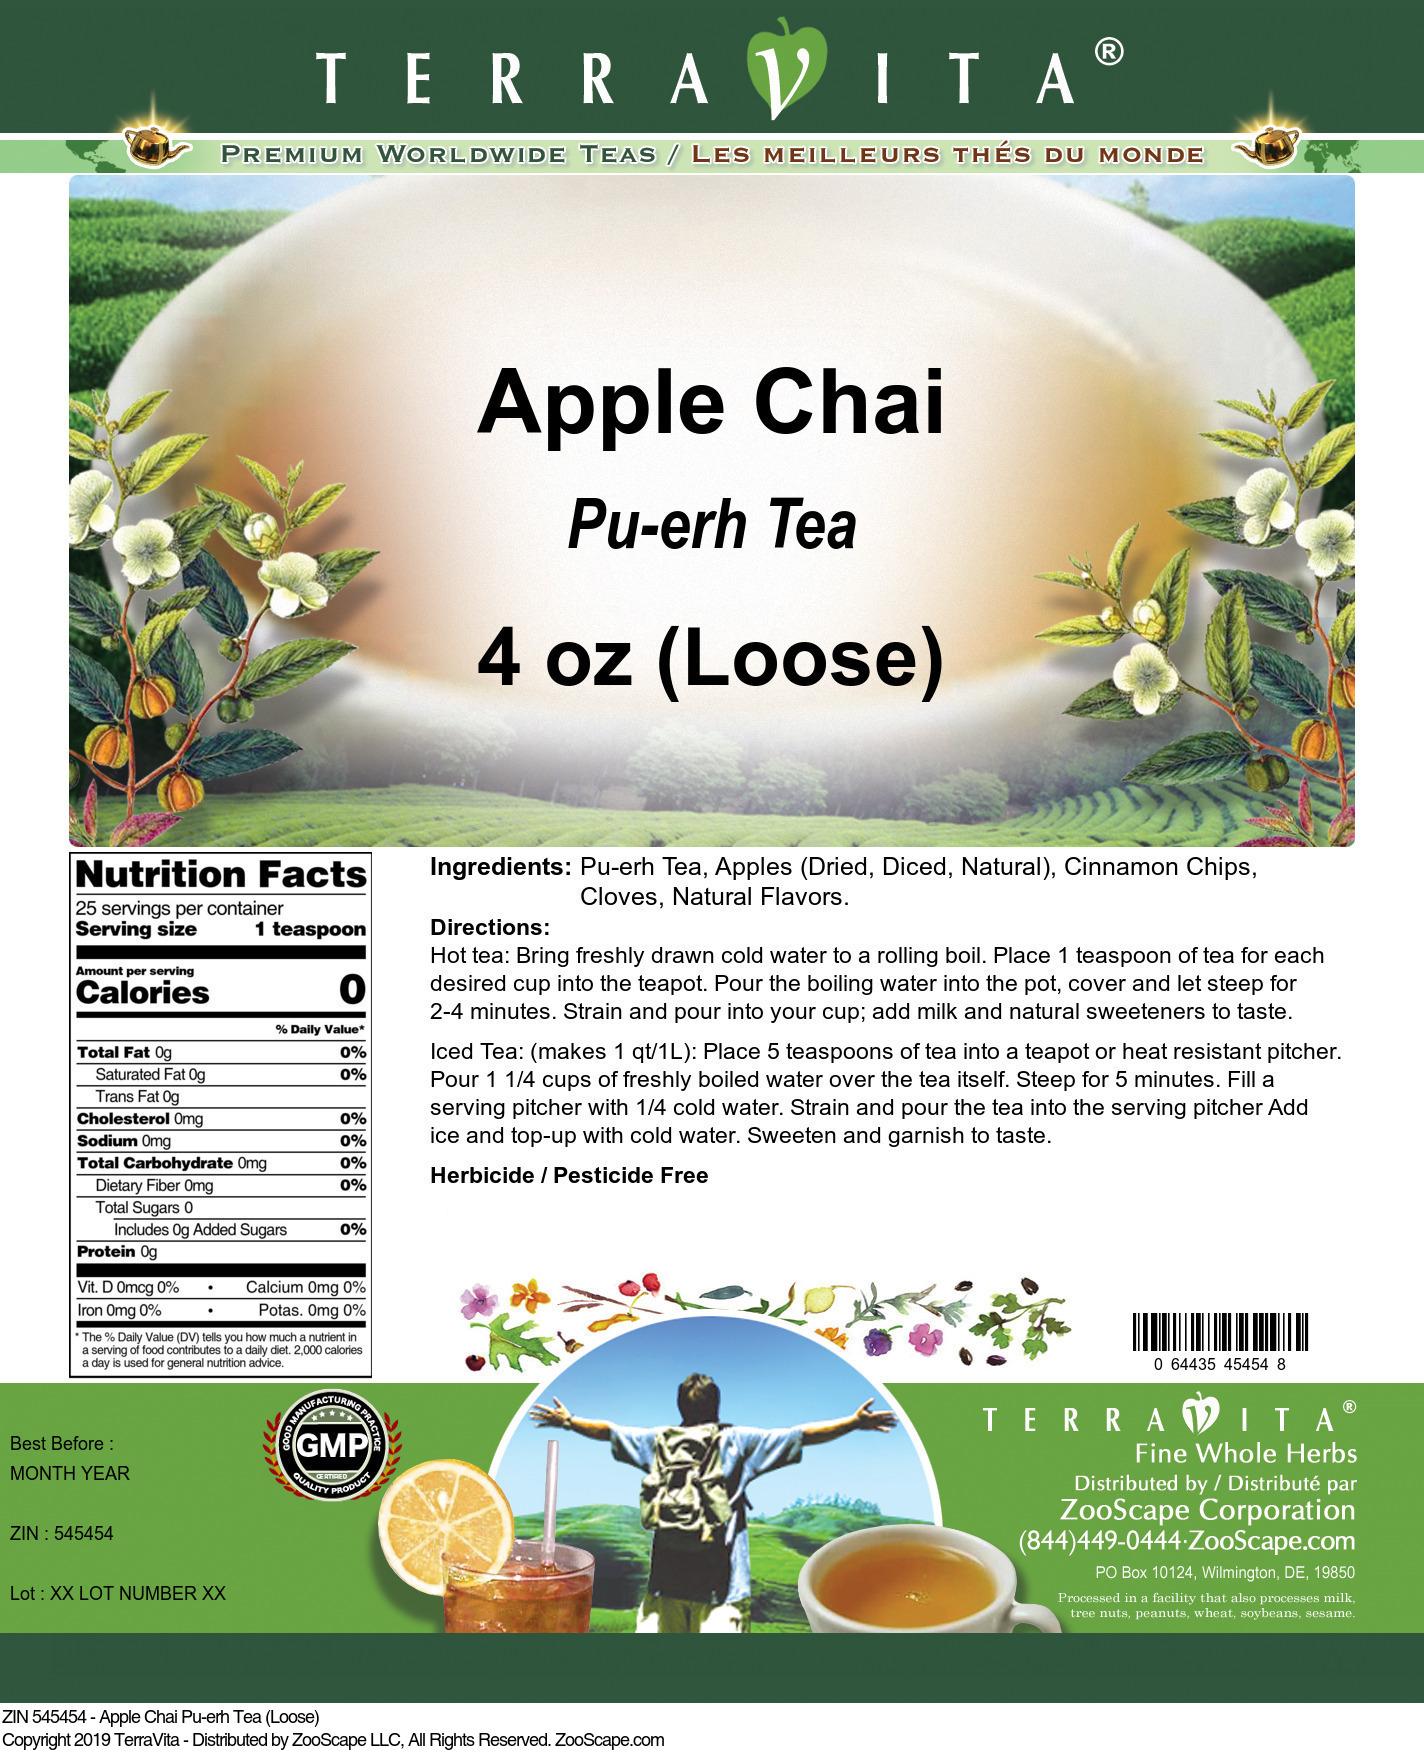 Apple Chai Pu-erh Tea (Loose)